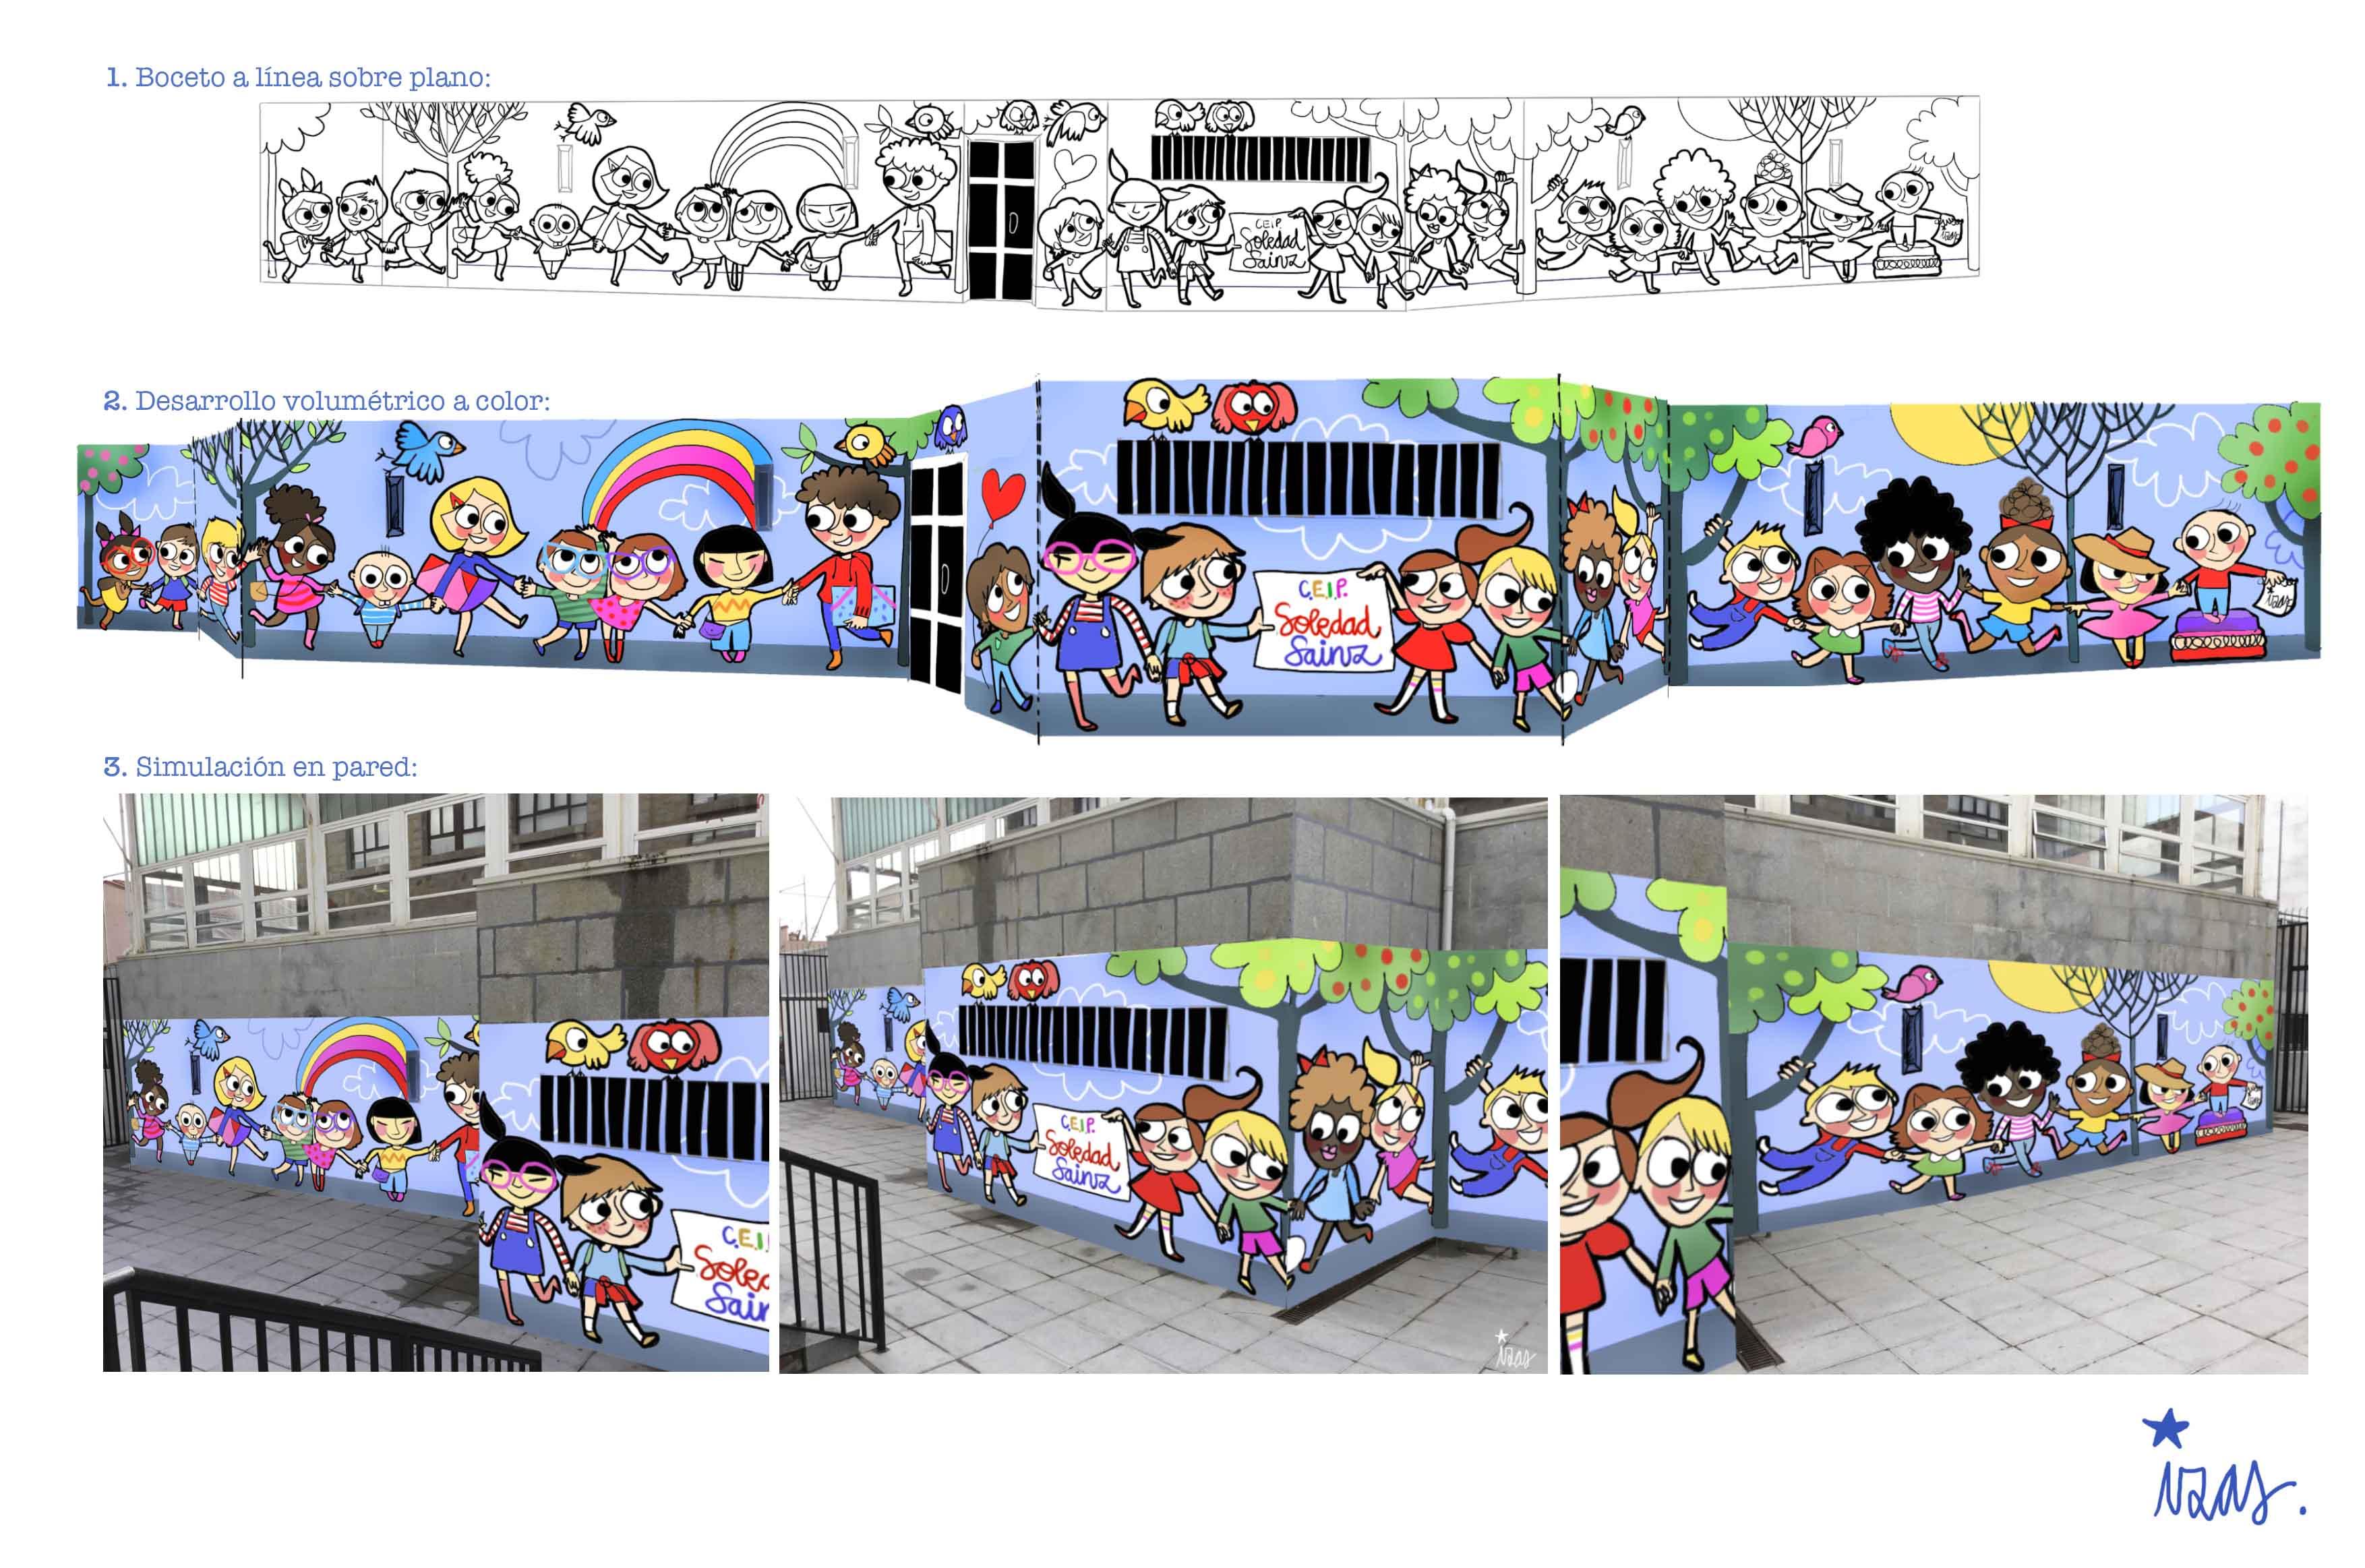 mural izas soledad sainz entrada proyecto